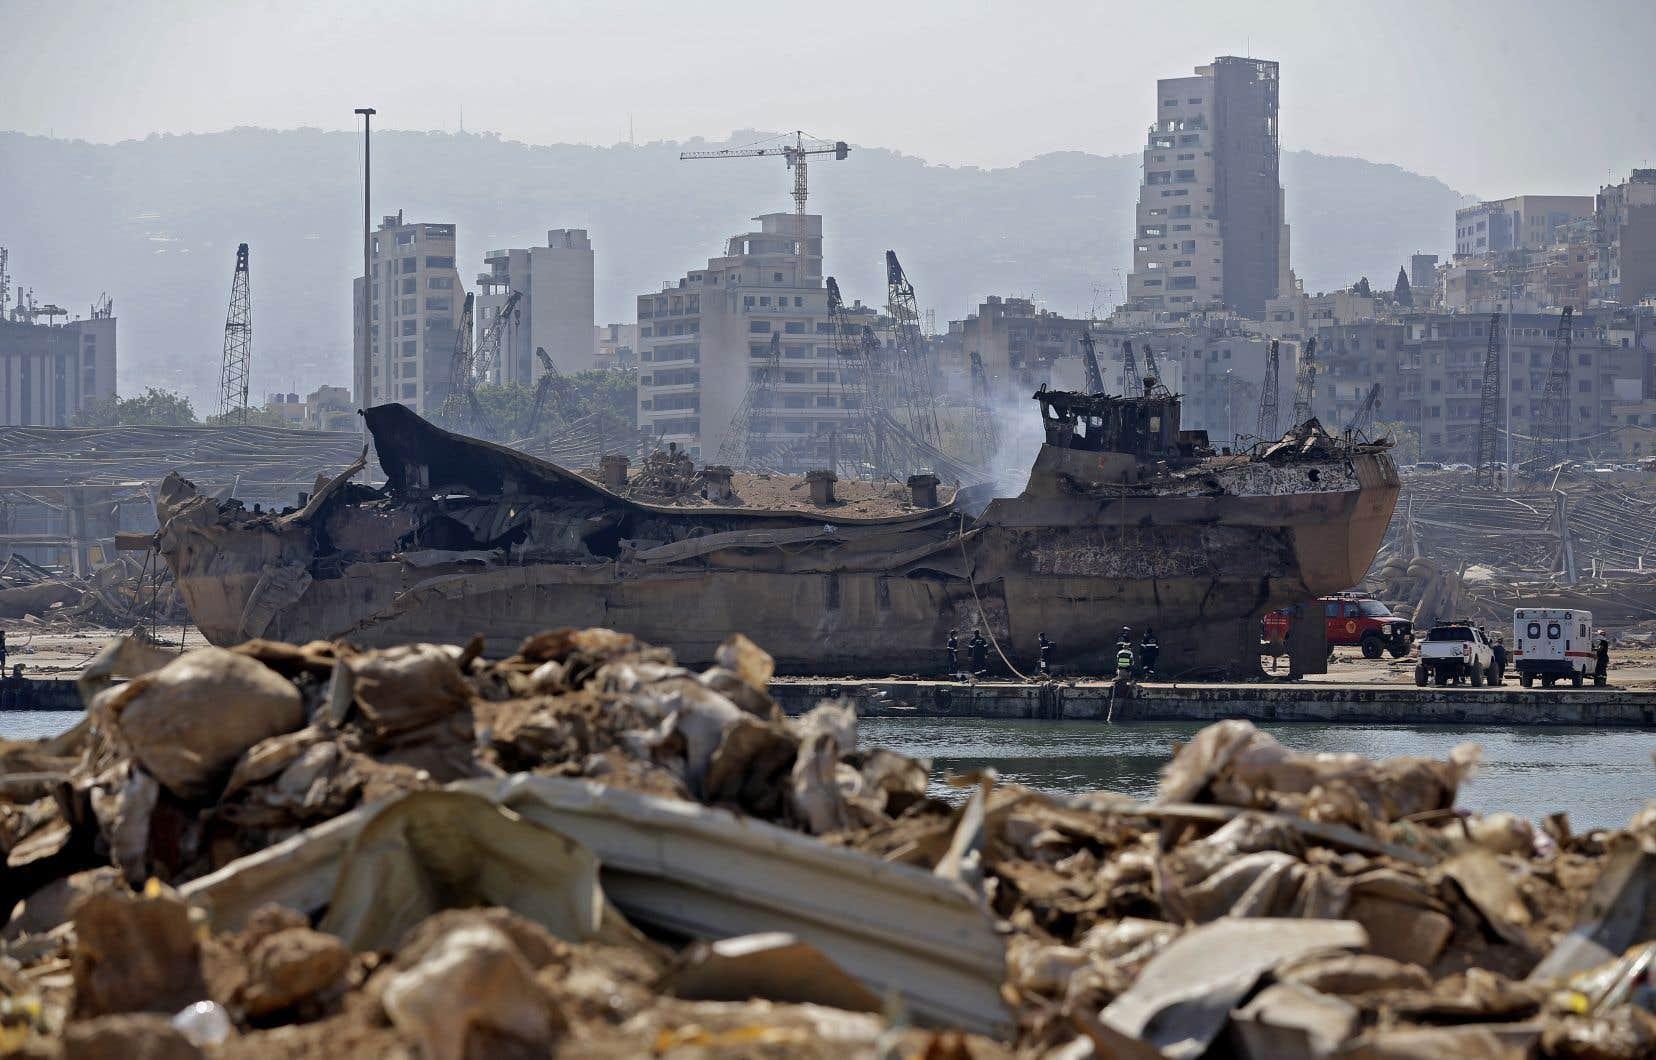 Quelque 15000 tonnes de blé, de maïs et d'orge entreposées dans les imposants silos, vieux de 55ans, ont été projetées par l'explosion et une minoterie voisine a été détruite.